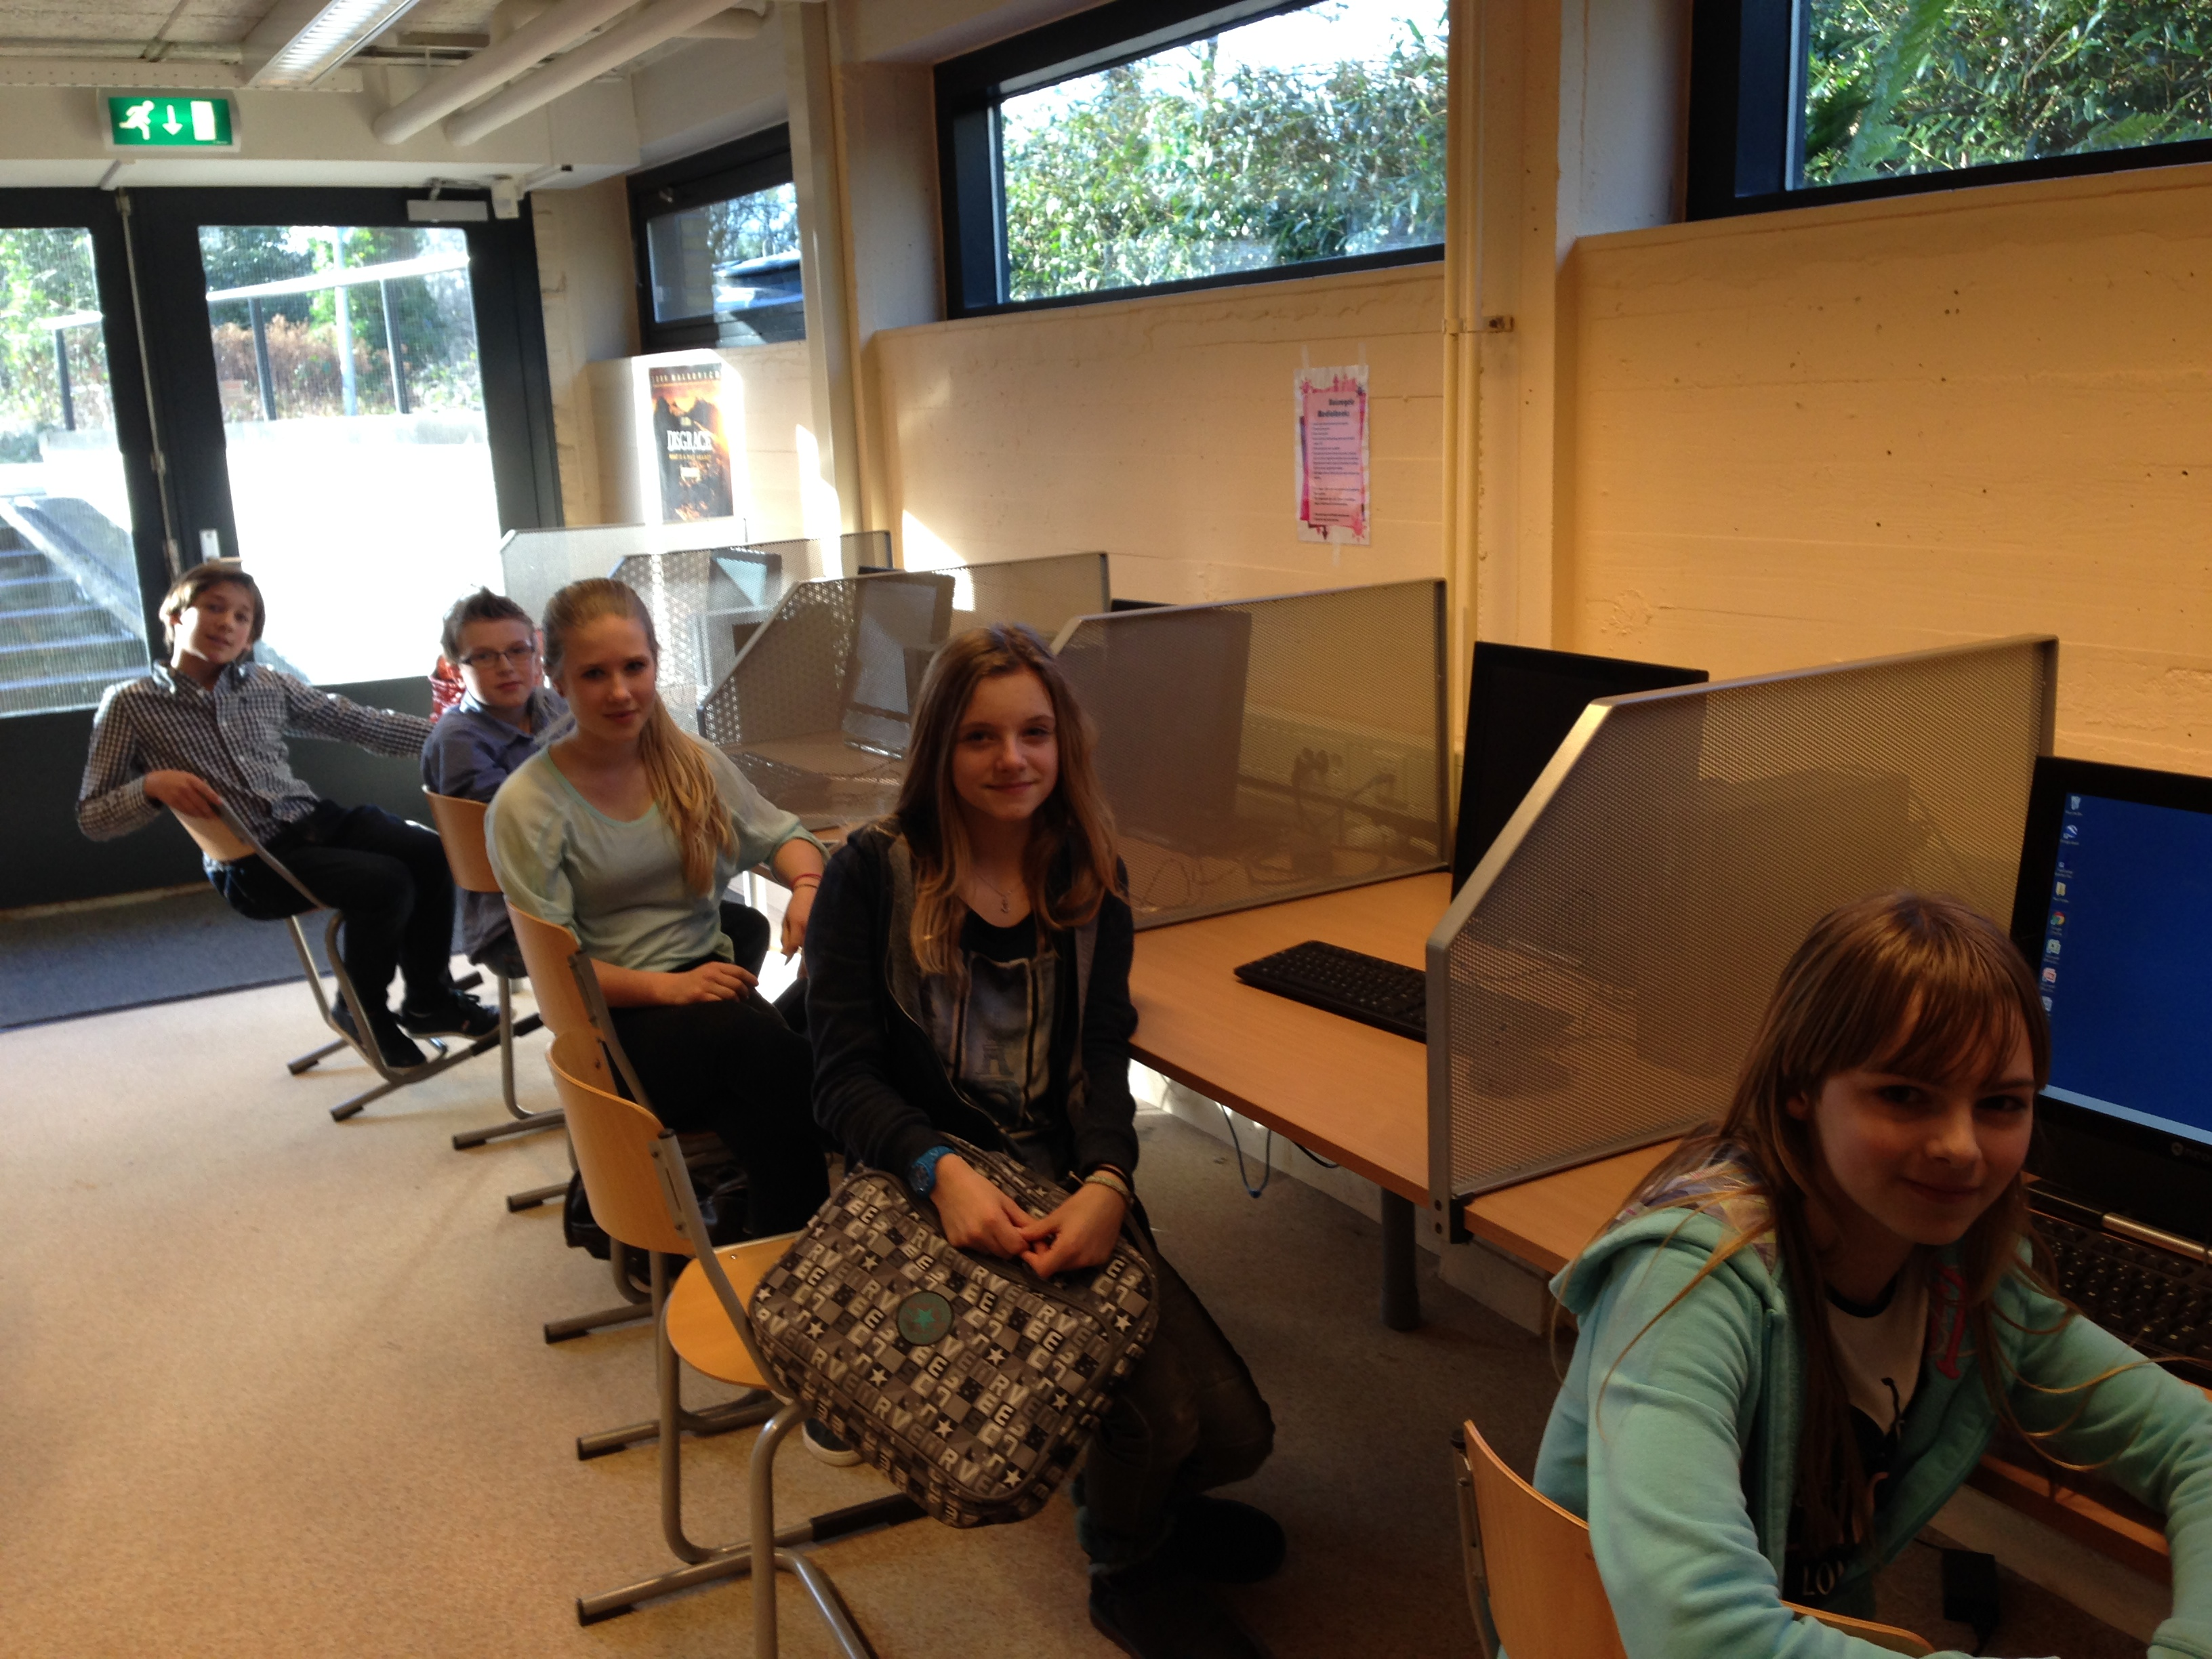 Brugklasblog van het lorentz hoe overleef je de brugklas for Lorentz lyceum